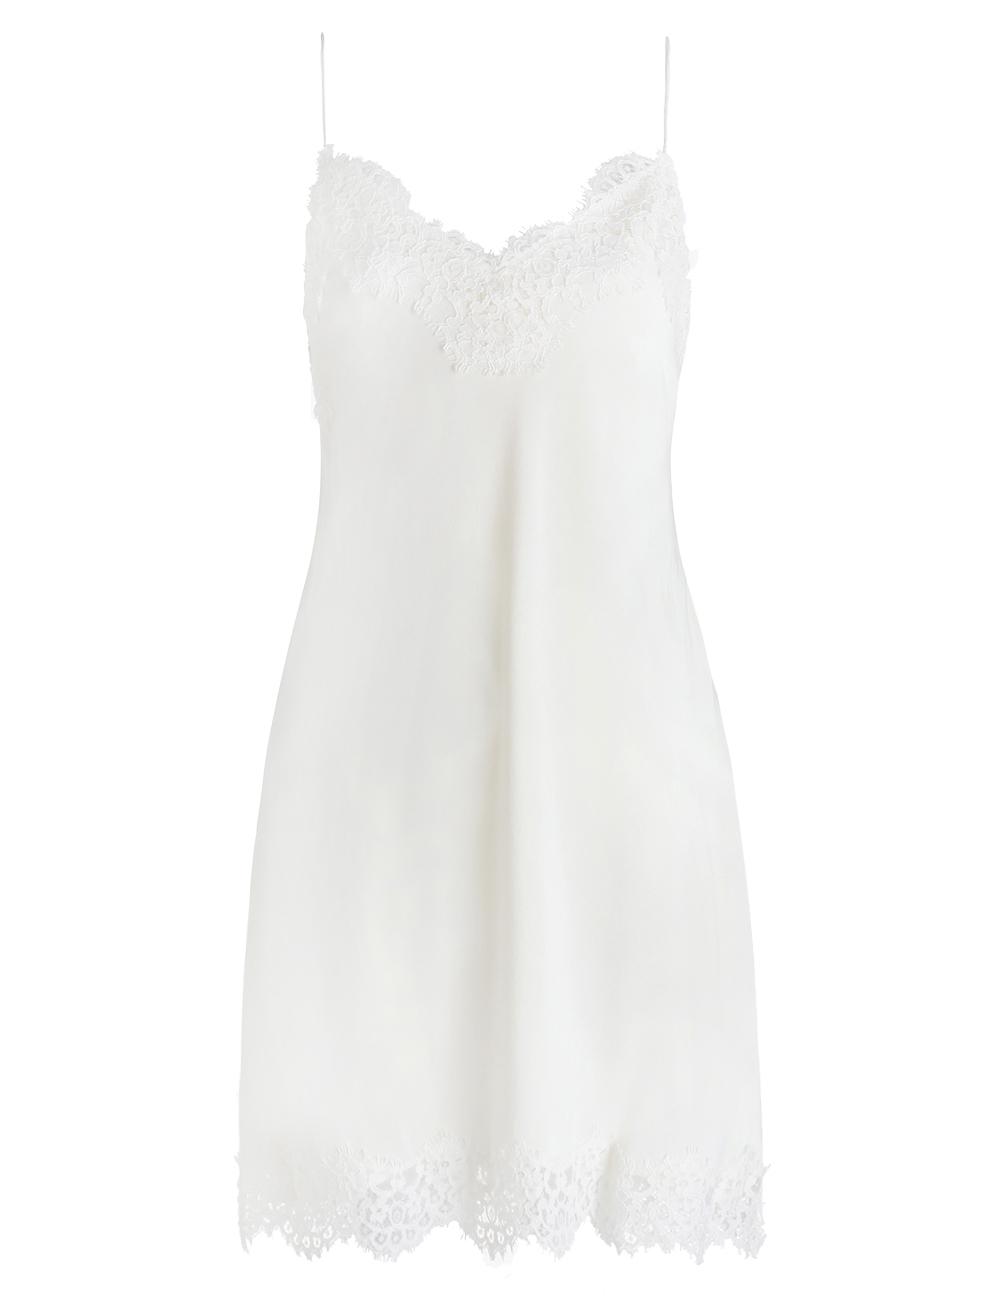 a25f0e5e9a9c Zimmermann Silk Lace Slip in White - Lyst